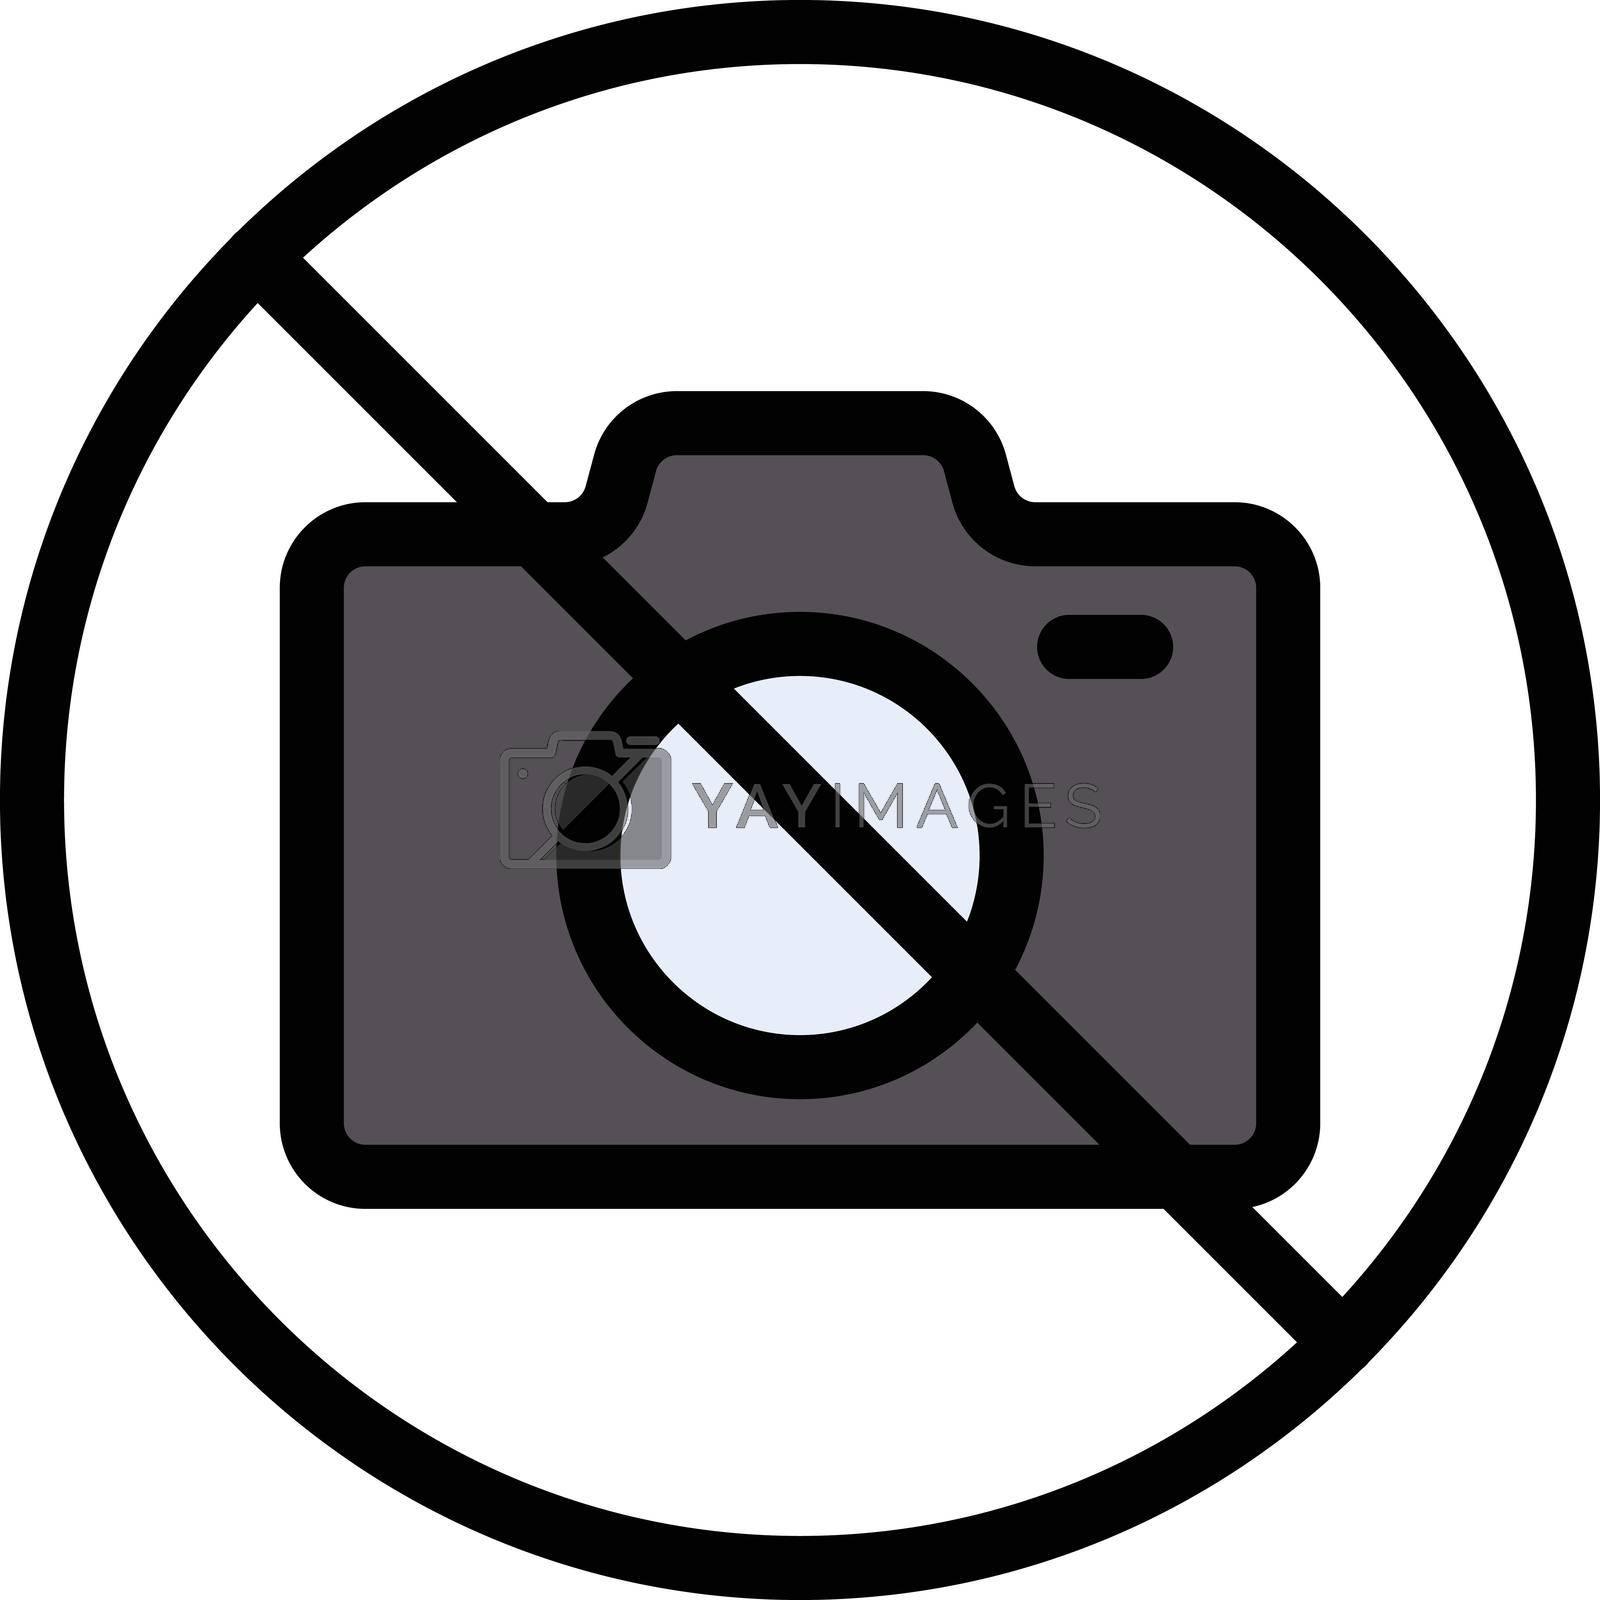 Royalty free image of camera ban by vectorstall